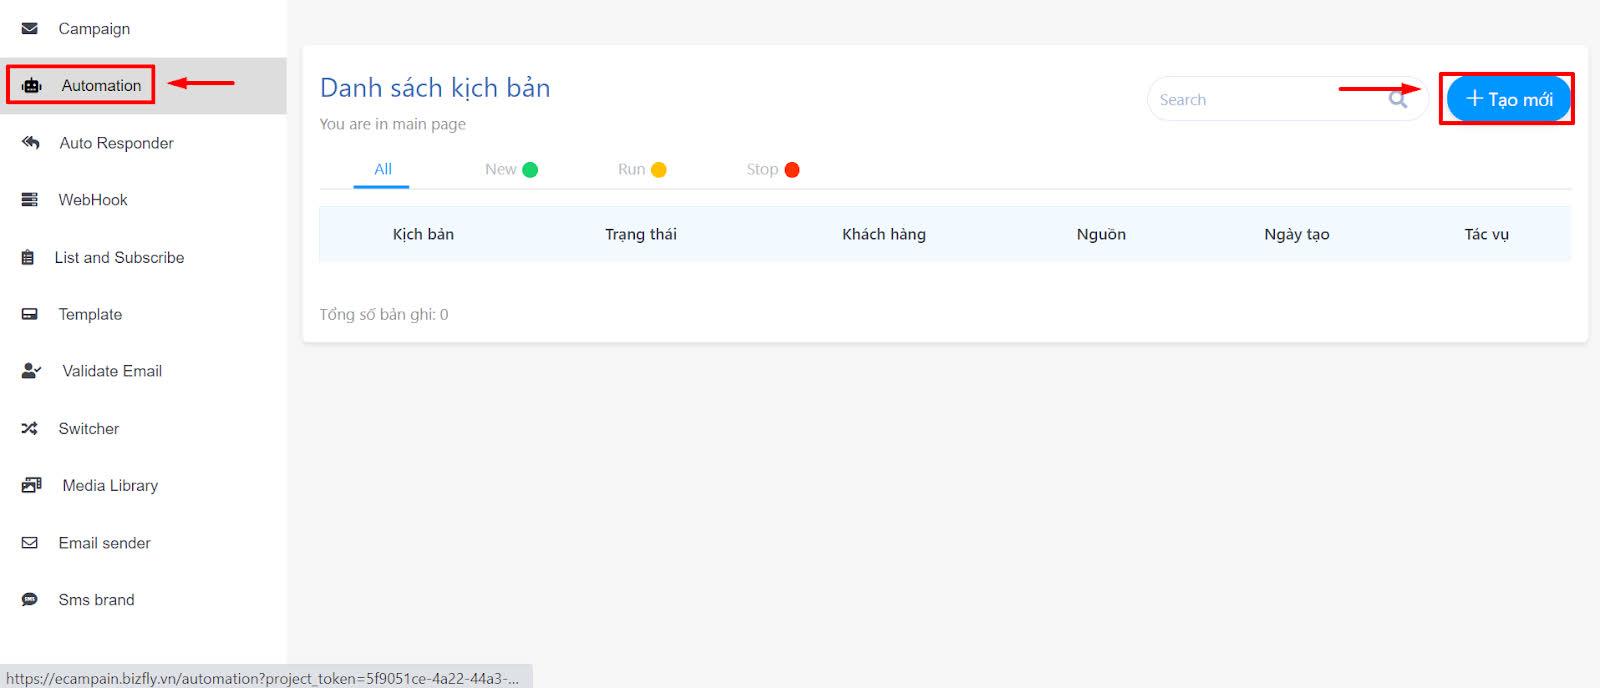 Kịch bản Email Automation mẫu cho Nhà hàng: Khảo sát khách hàng, tặng voucher kích thích khách hàng